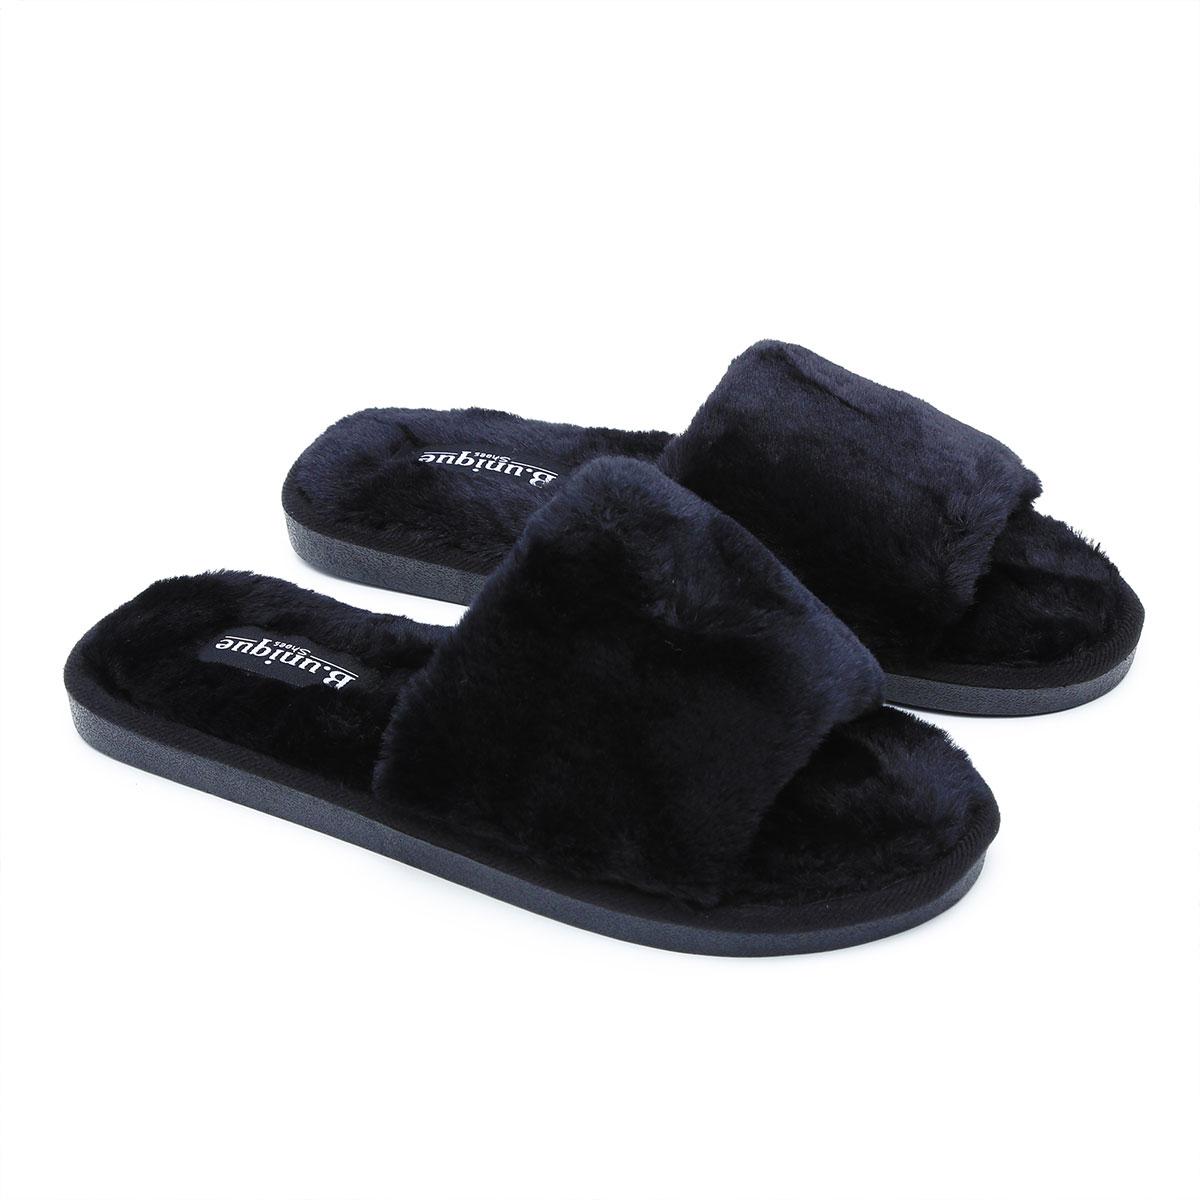 נעלי בית בצבע שחור